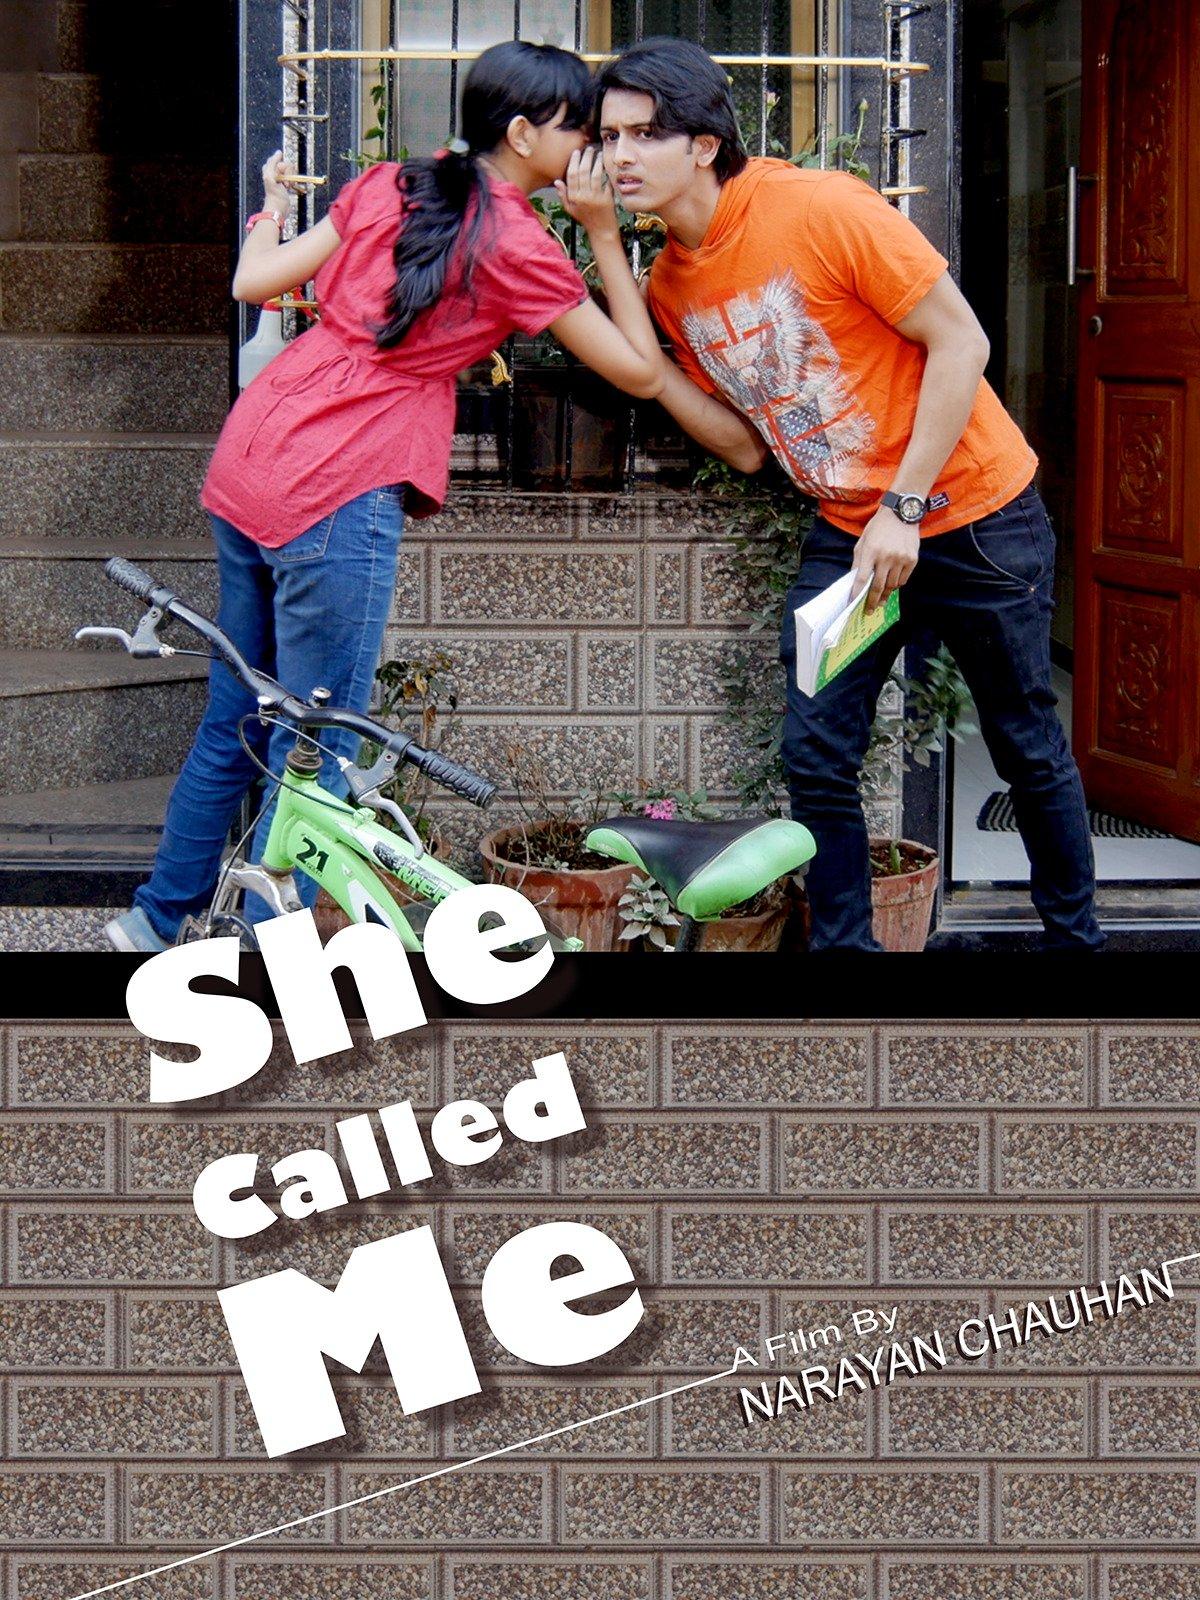 She called me